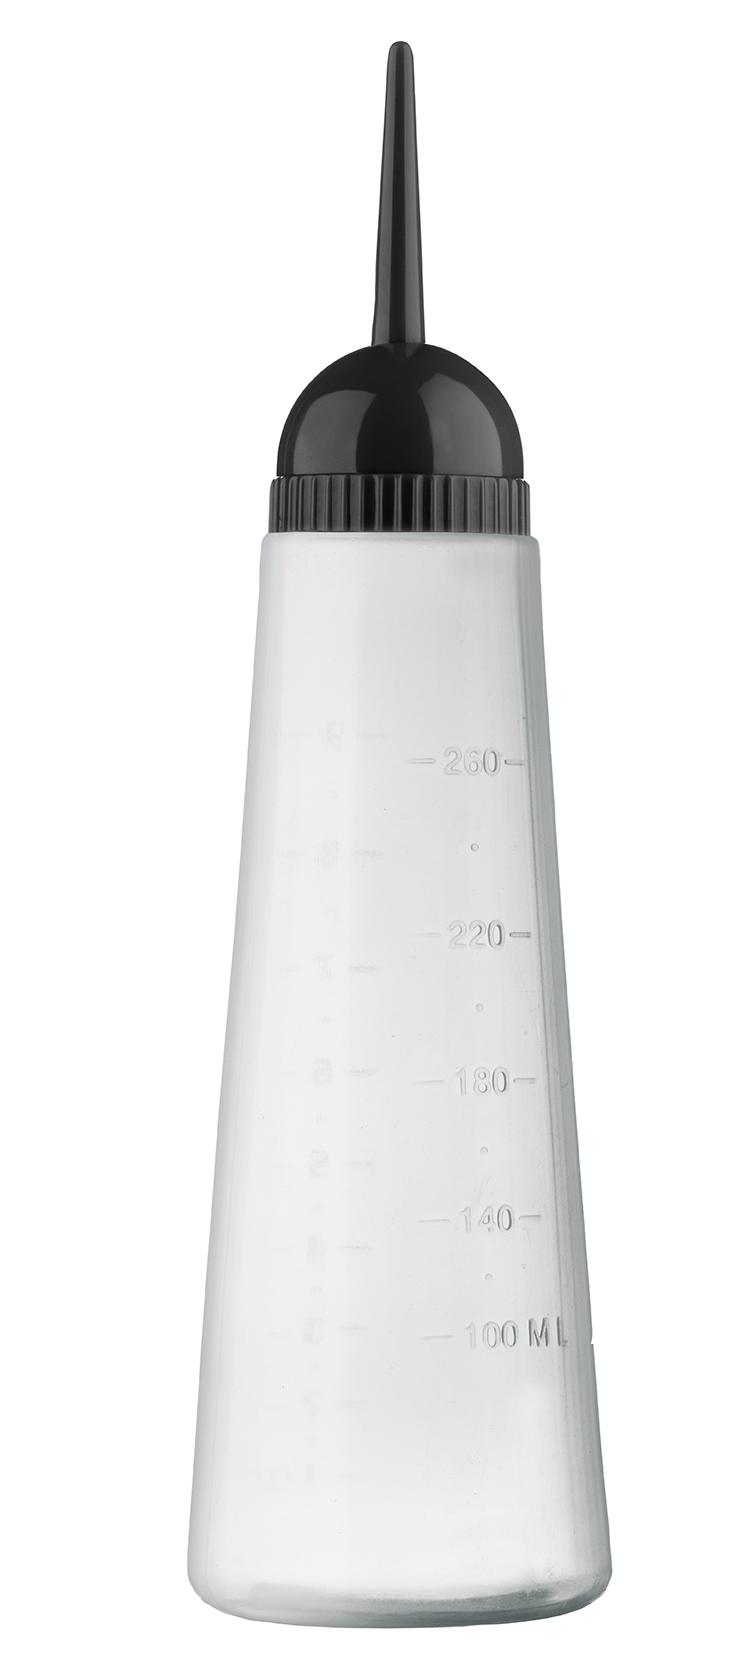 Auftrageflasche 260ml mit bewegl. Applikatorspritze